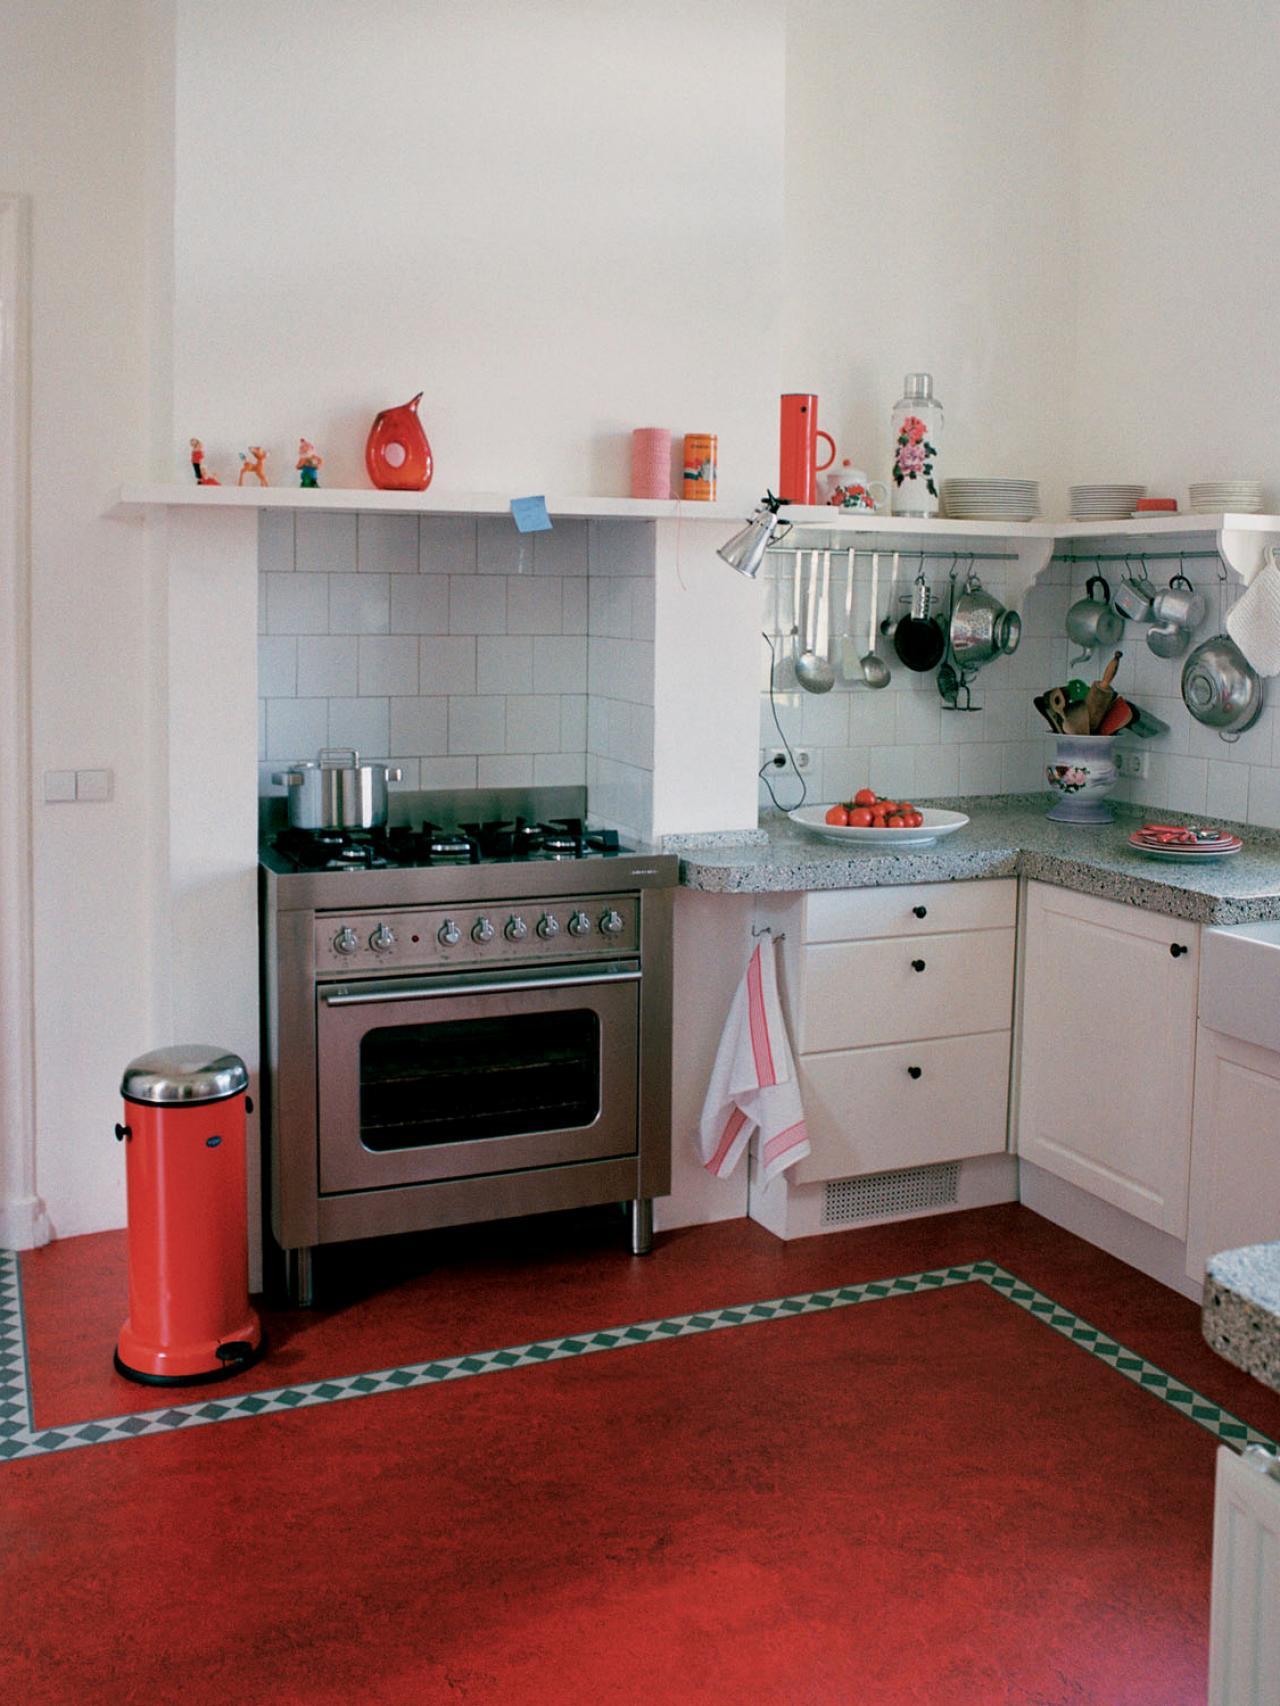 How To Clean Kitchen Floor Linoleum